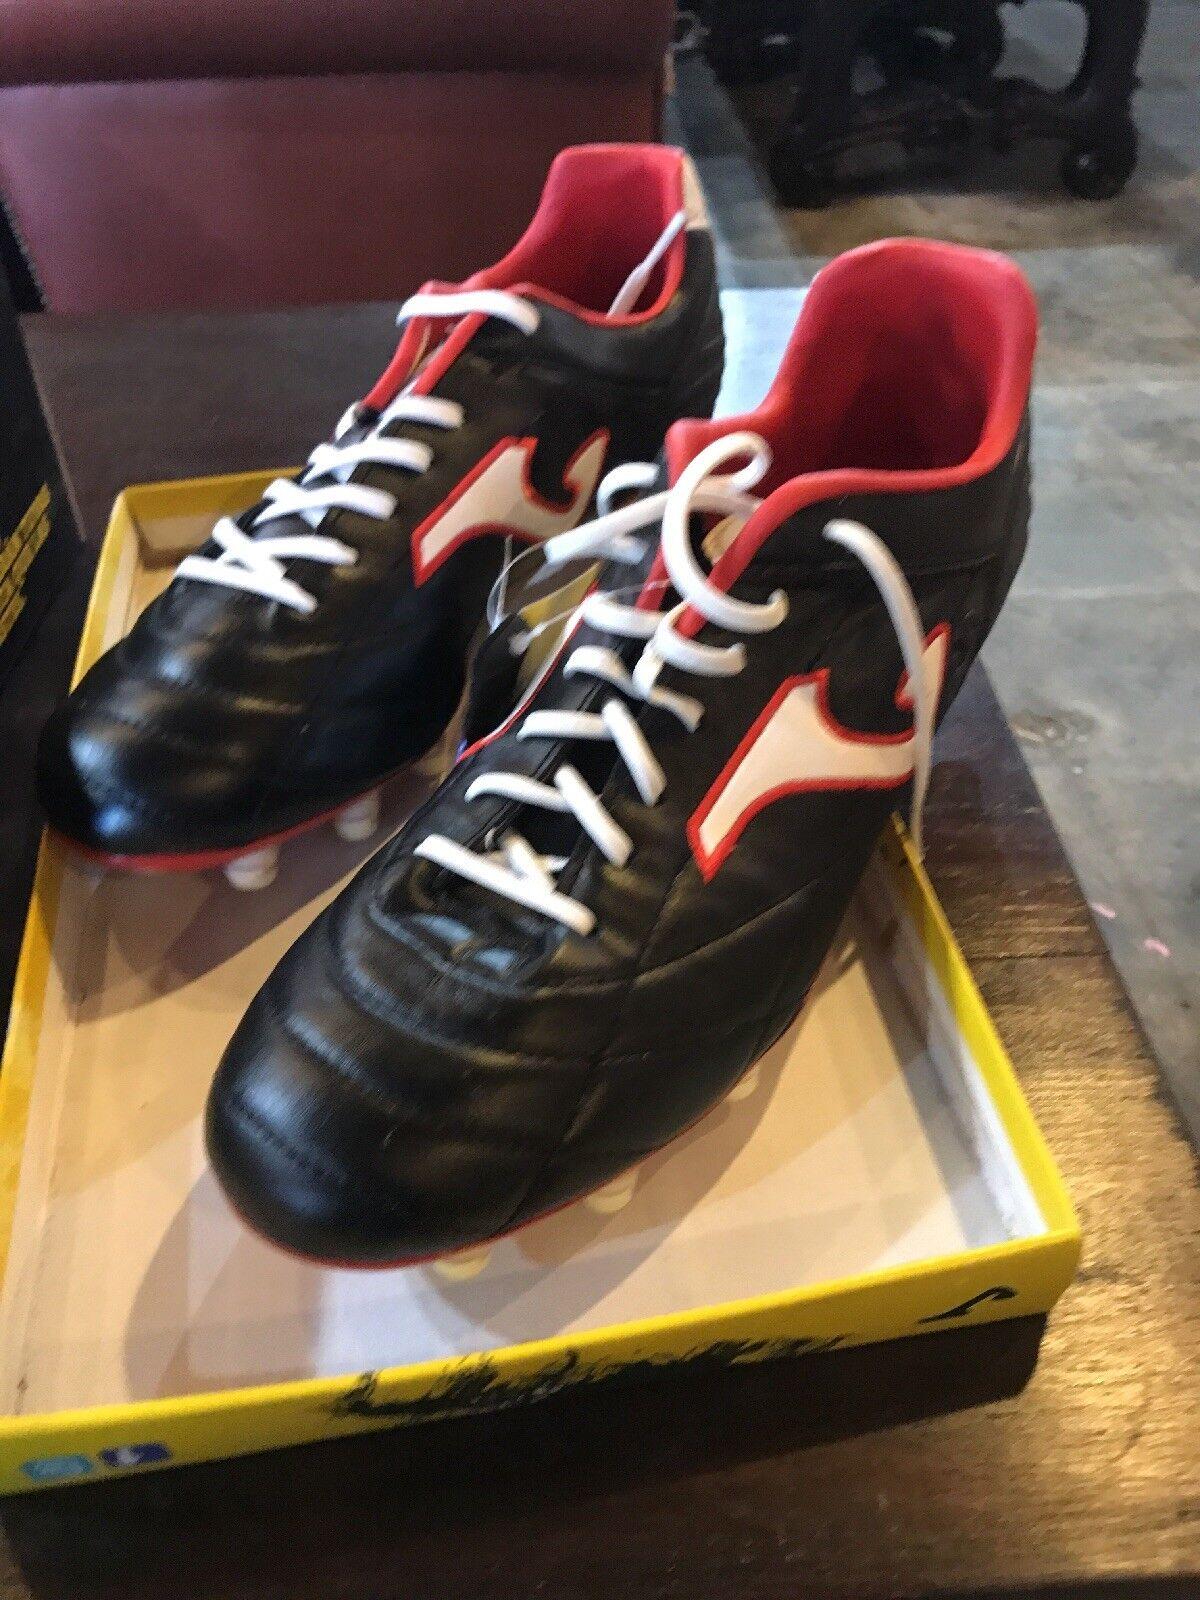 Joma Multitaco Zapatos deportivos de fútbol 201 Fit-100 Fit-100 Fit-100 Talla 11.5 305115